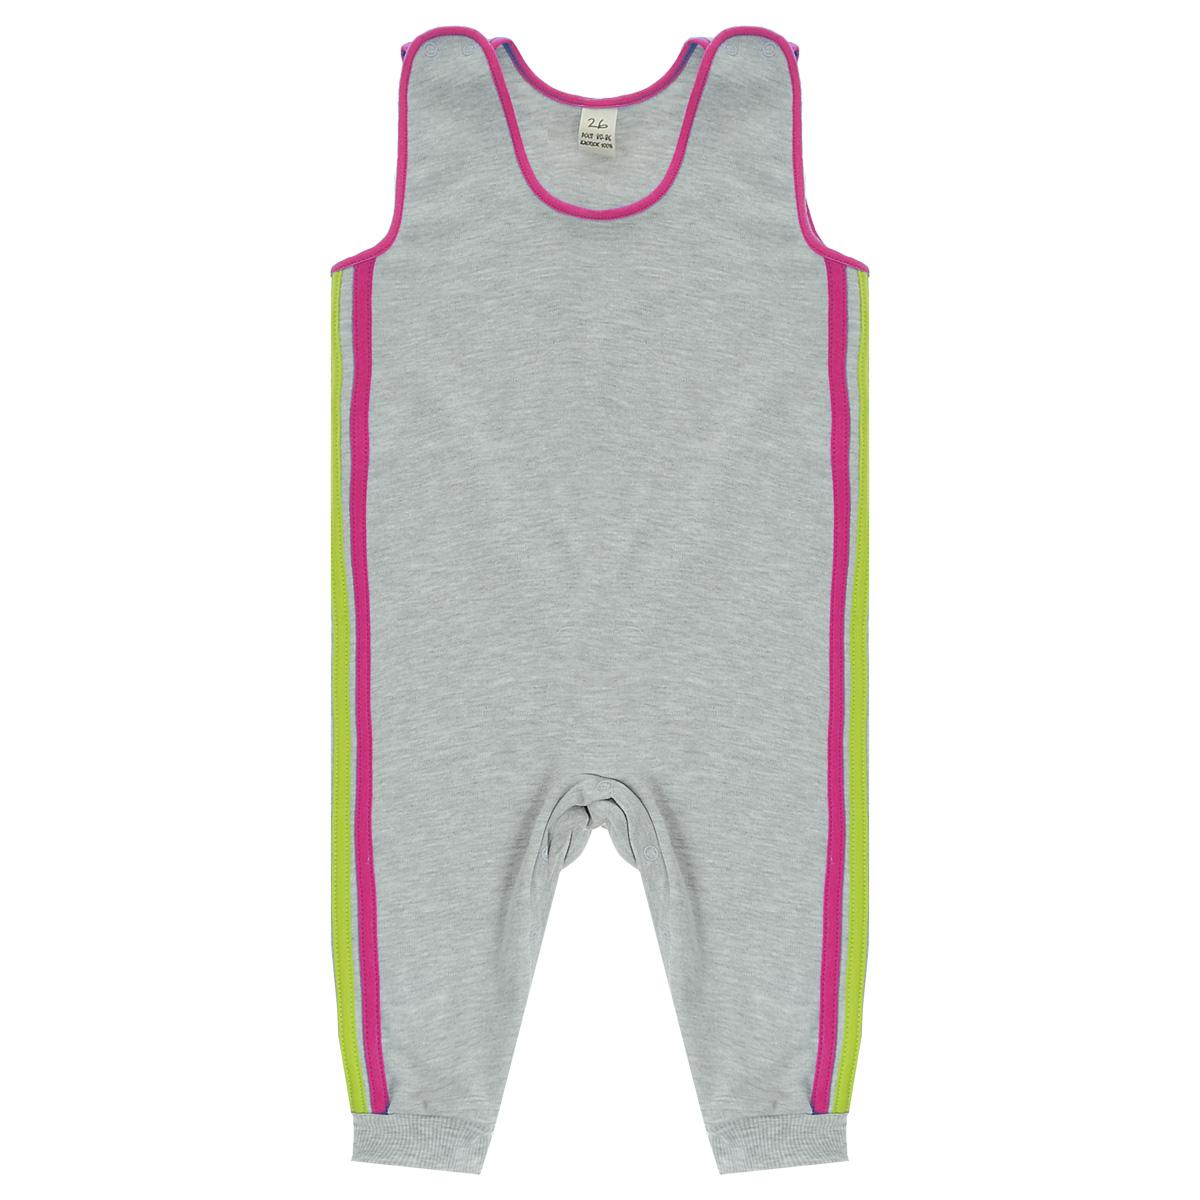 Ползунки1-15Ползунки с грудкой Lucky Child - очень удобный и практичный вид одежды для малышей. Они отлично сочетаются с футболками и кофточками. Ползунки выполнены из интерлока - натурального хлопка, благодаря чему они необычайно мягкие и приятные на ощупь, не раздражают нежную кожу ребенка и хорошо вентилируются, а эластичные швы приятны телу малыша и не препятствуют его движениям. Ползунки без ножек, застегивающиеся сверху на кнопки, идеально подойдут вашему малышу, обеспечивая ему наибольший комфорт, подходят для ношения с подгузником и без него. Кнопки на ластовице помогают легко и без труда поменять подгузник в течение дня. Отделкой служат лампасы контрастного цвета по боковому шву. Ползунки с грудкой полностью соответствуют особенностям жизни малыша в ранний период, не стесняя и не ограничивая его в движениях!